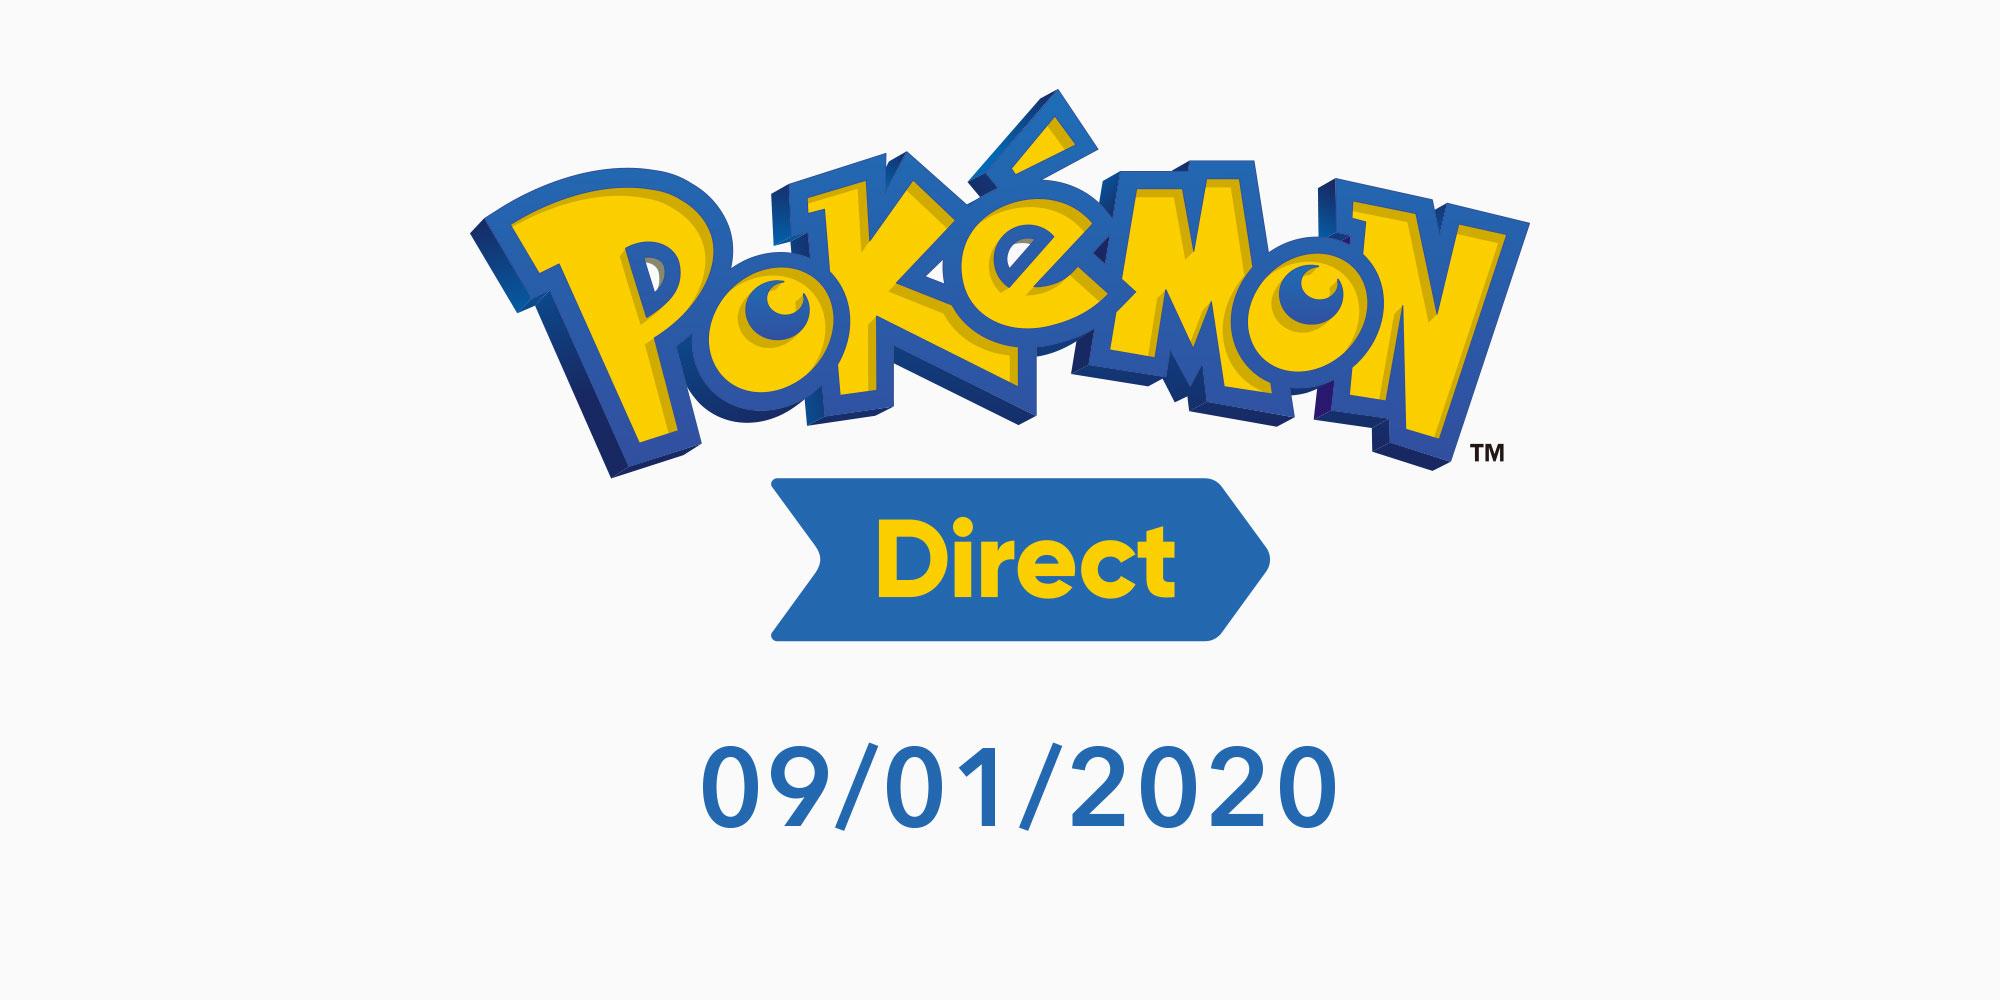 Nuovo Pokémon Direct giovedì 9 gennaio 2020, sarà annunciato un nuovo gioco?